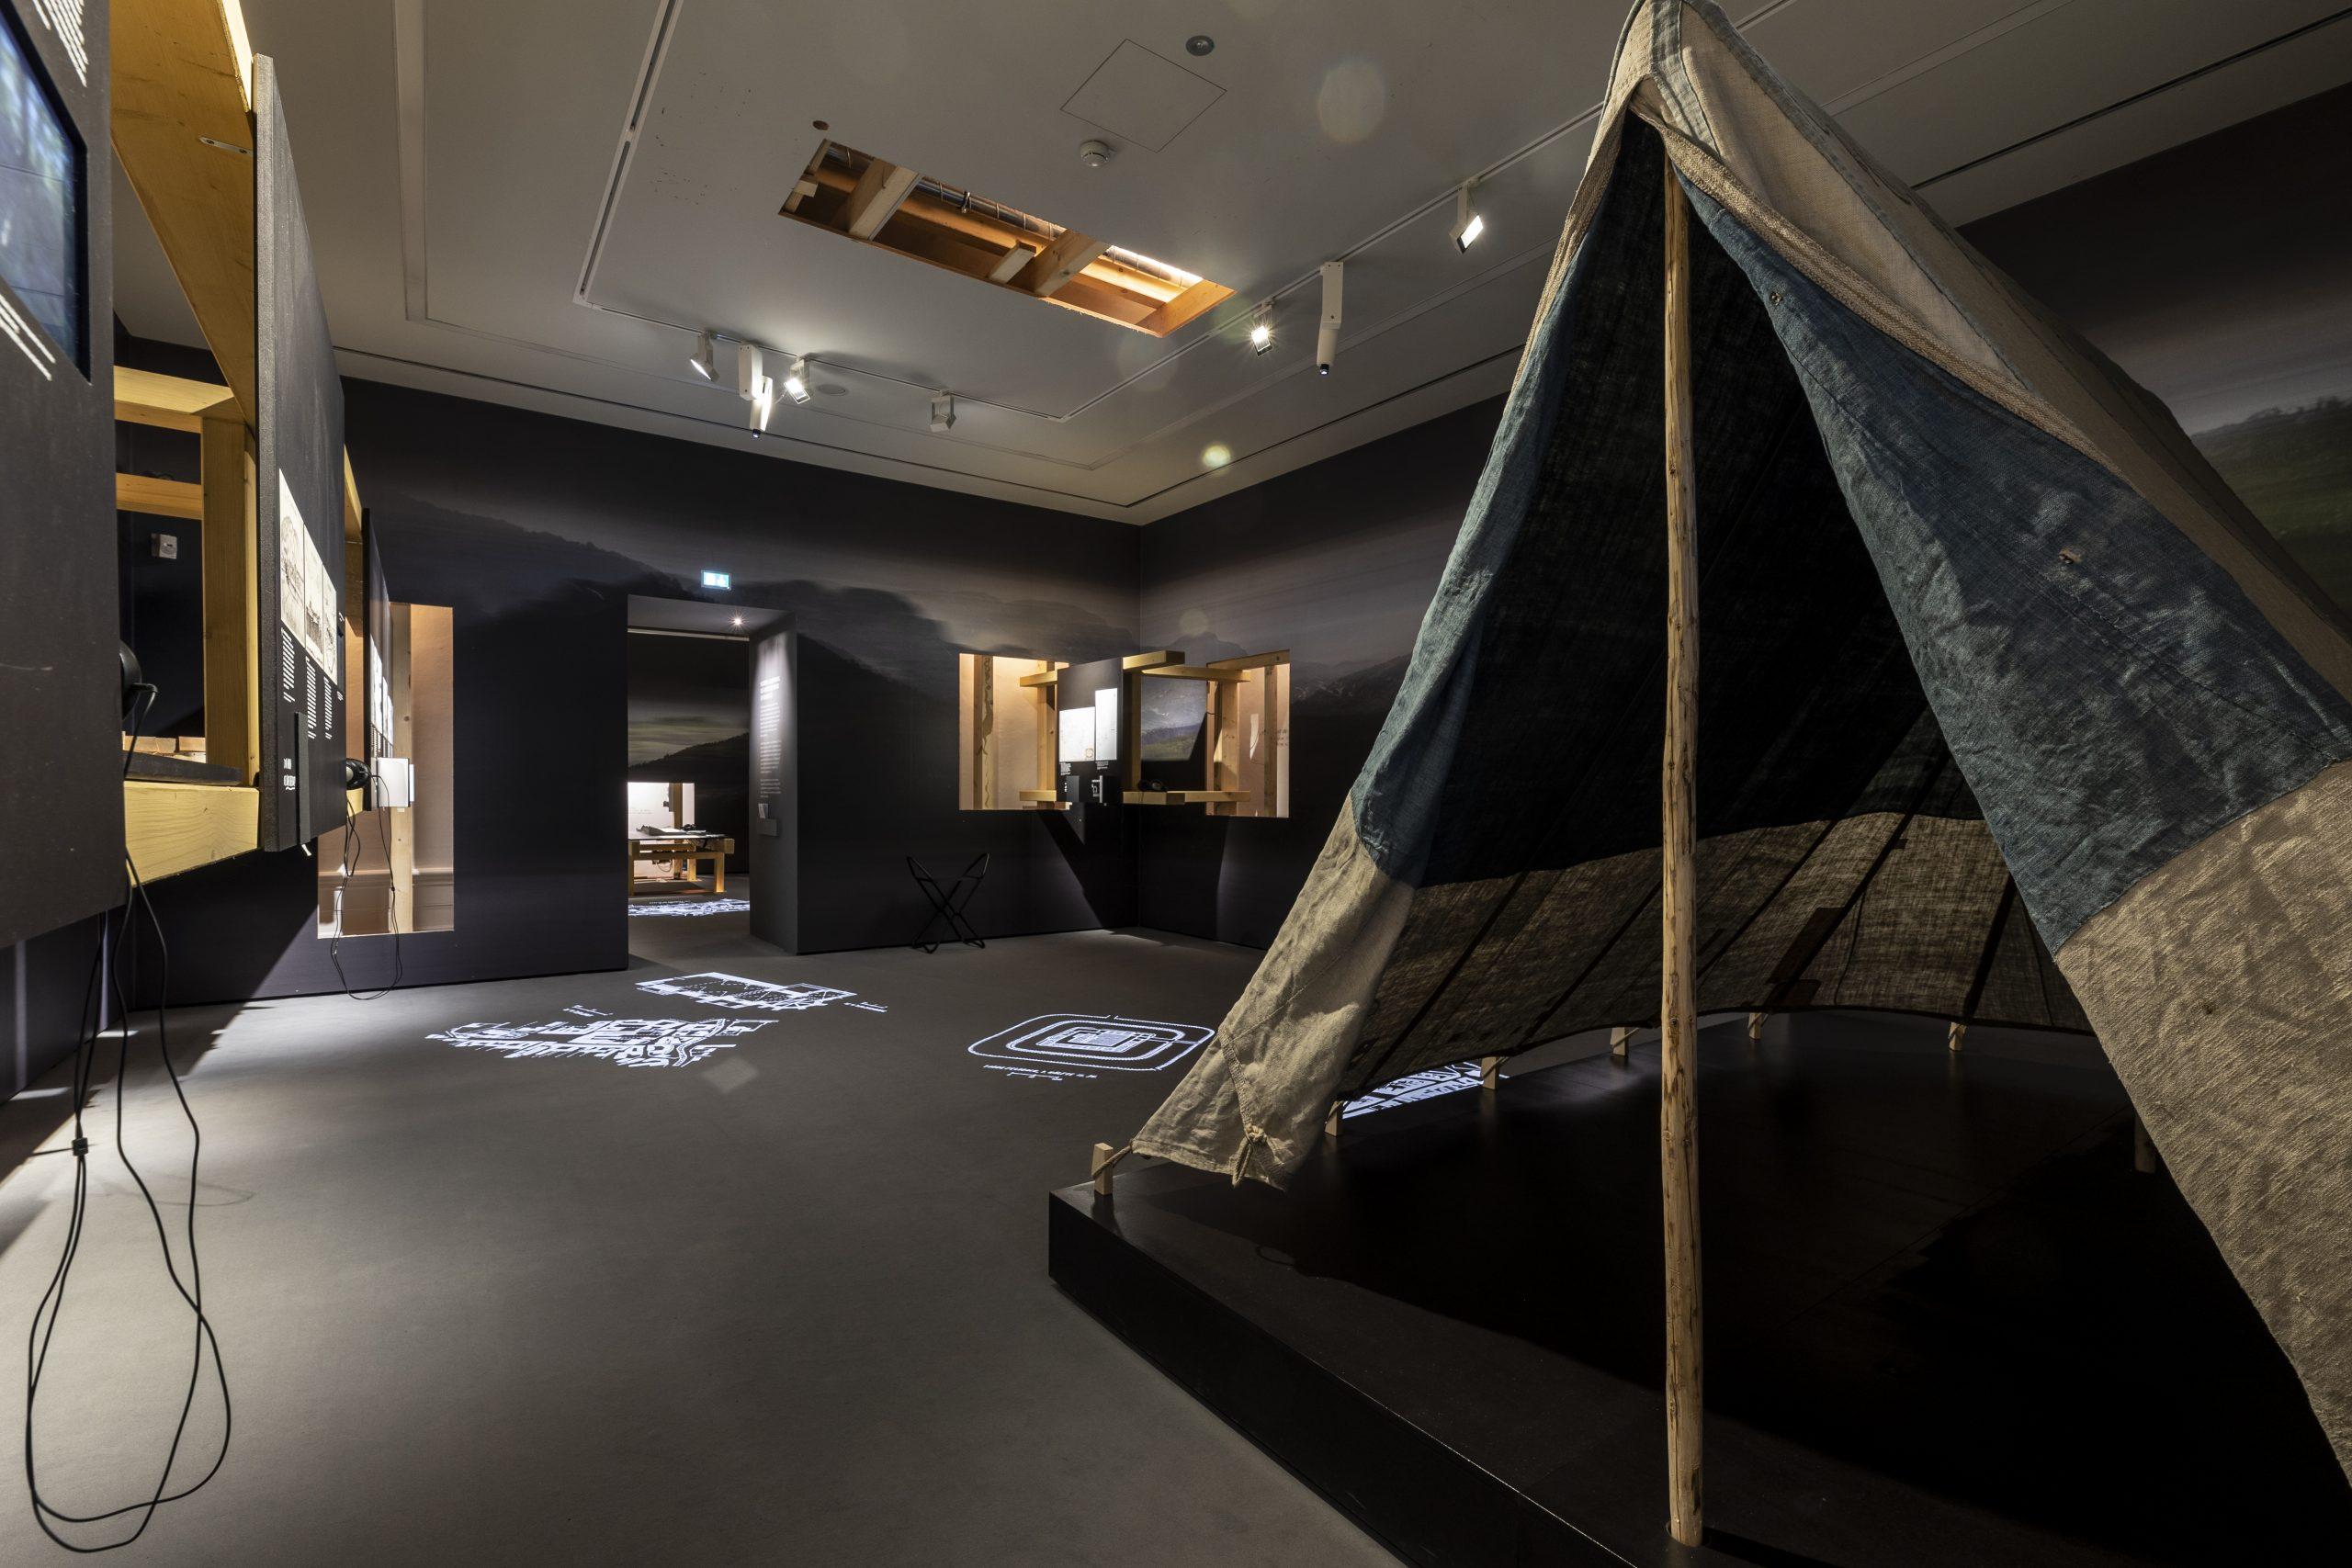 """Ausstellungsansicht """"was war"""" im Museum für Geschichte, Foto: Universalmuseum Joanneum/N. Milatovic"""